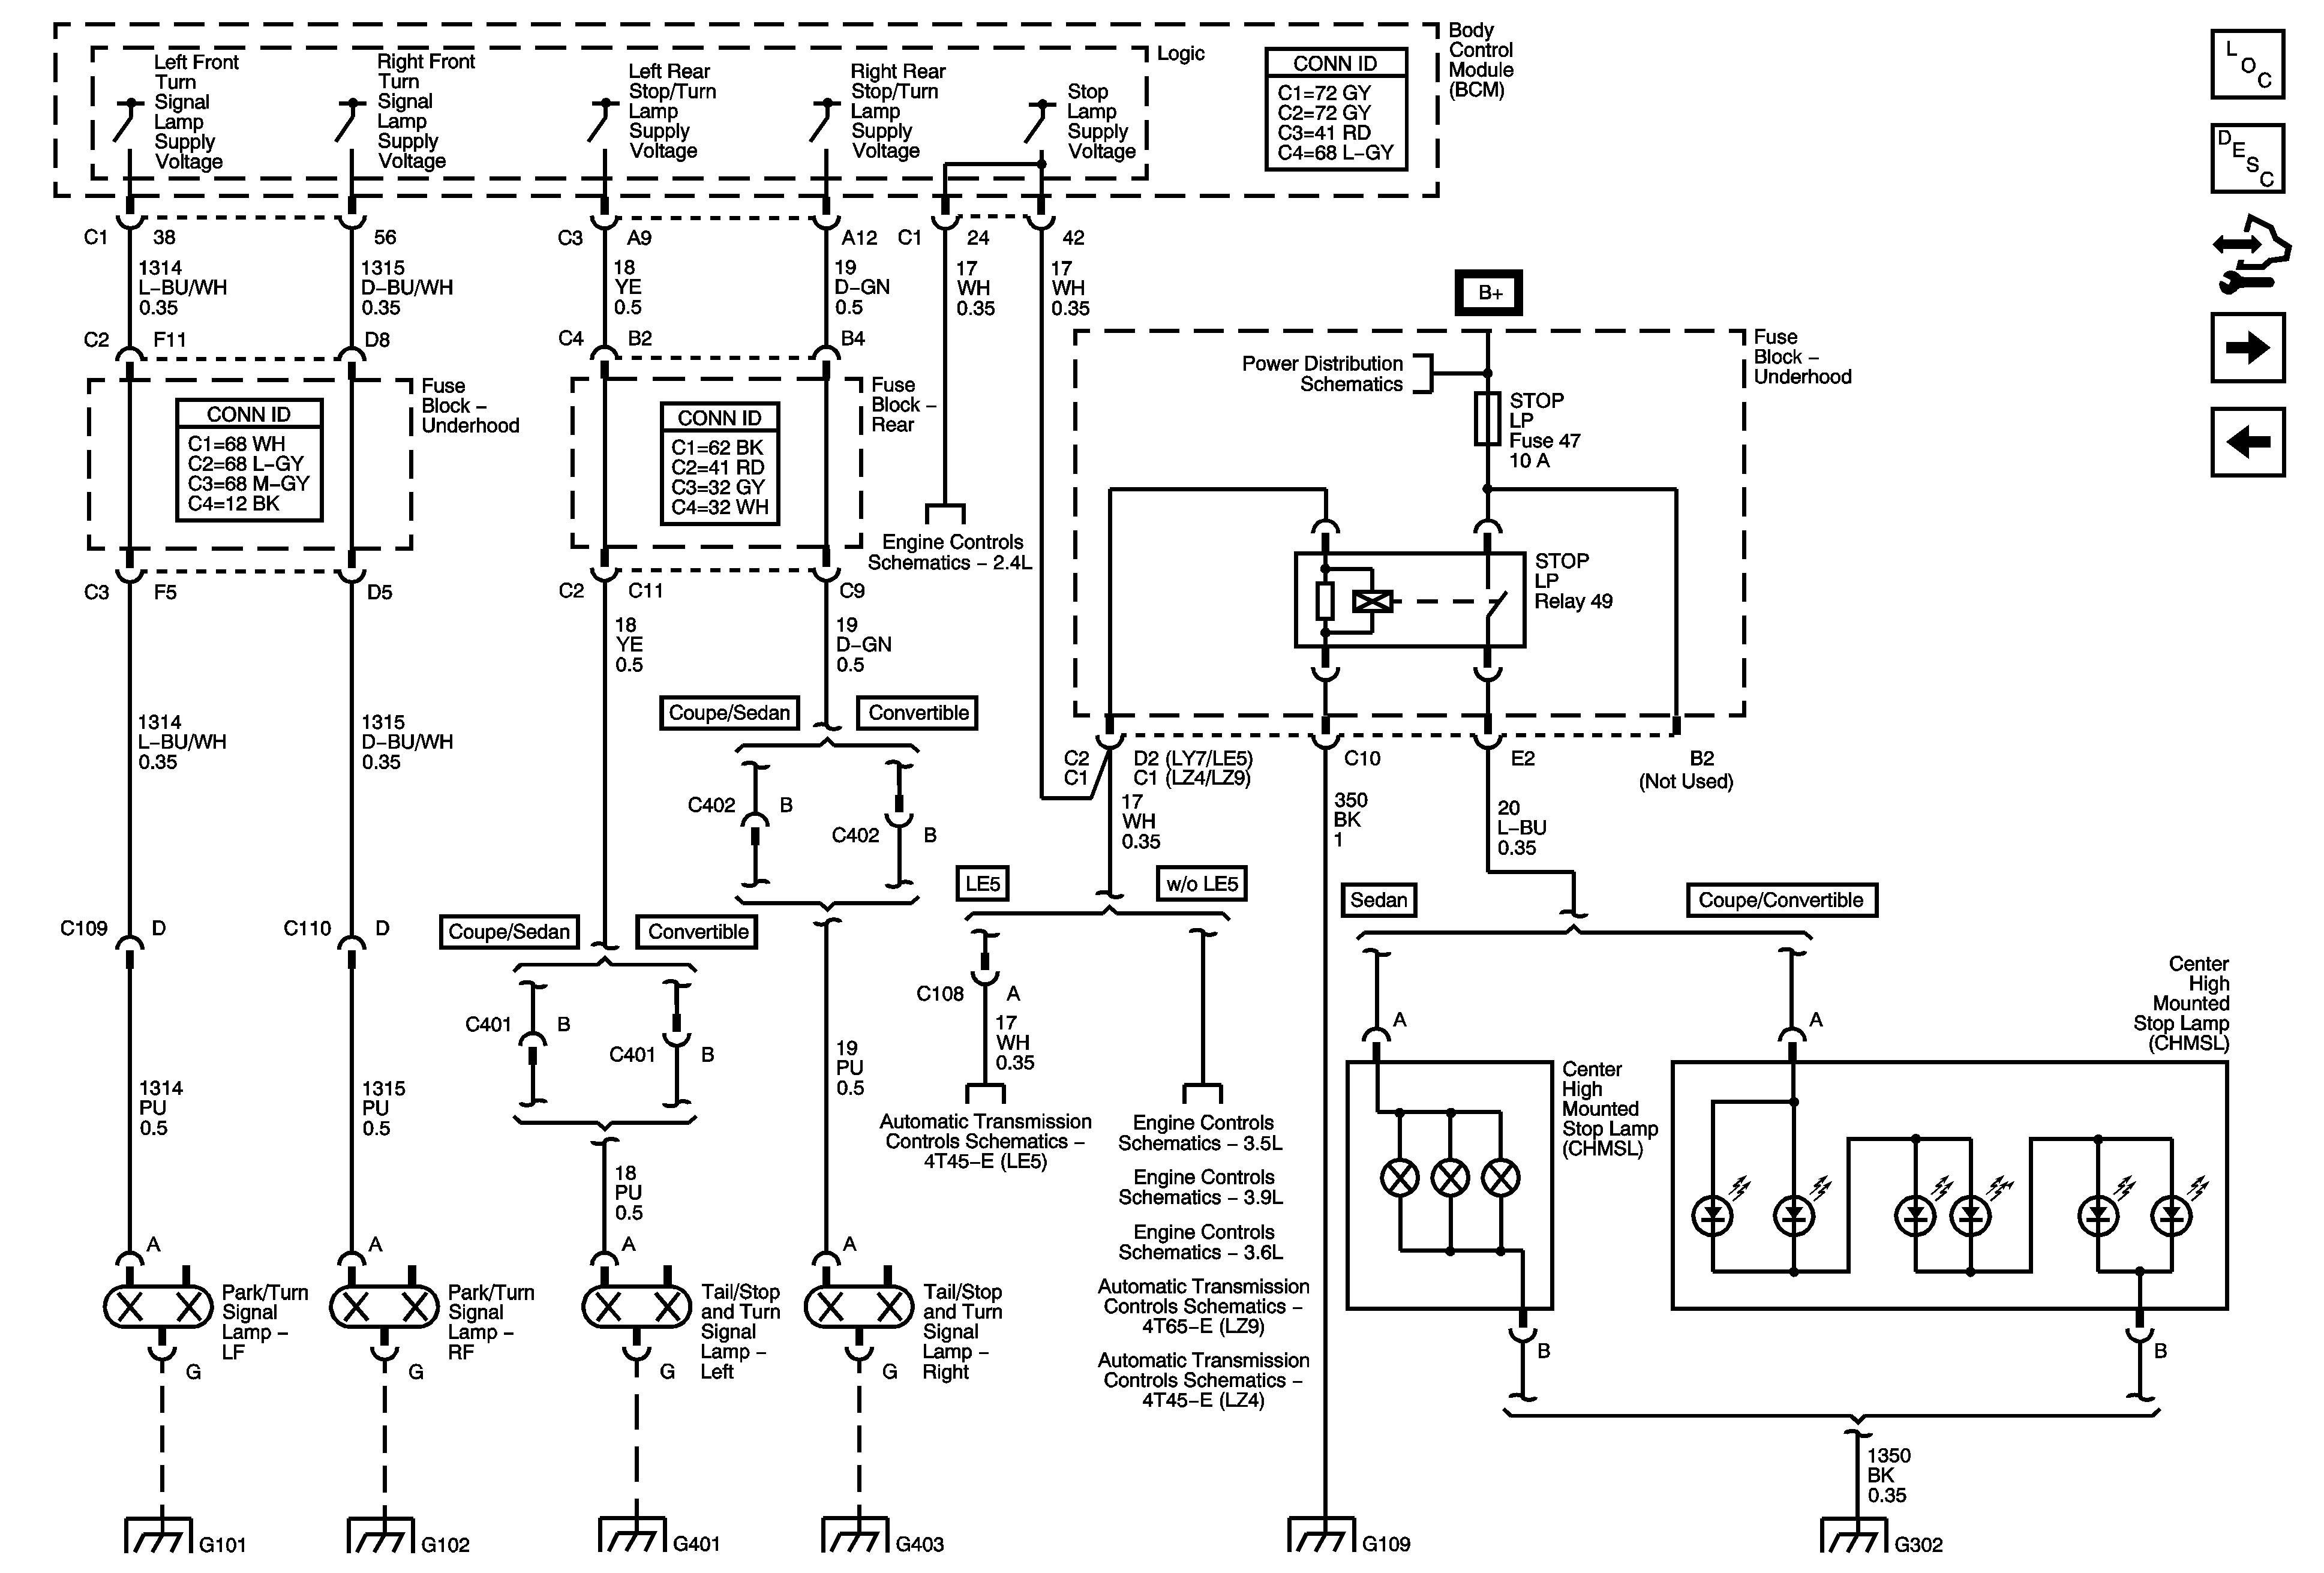 pontiac g6 wiring harness relay switch 2009 pontiac g6 fuse box | wiring library 07 pontiac g6 wiring diagram #13